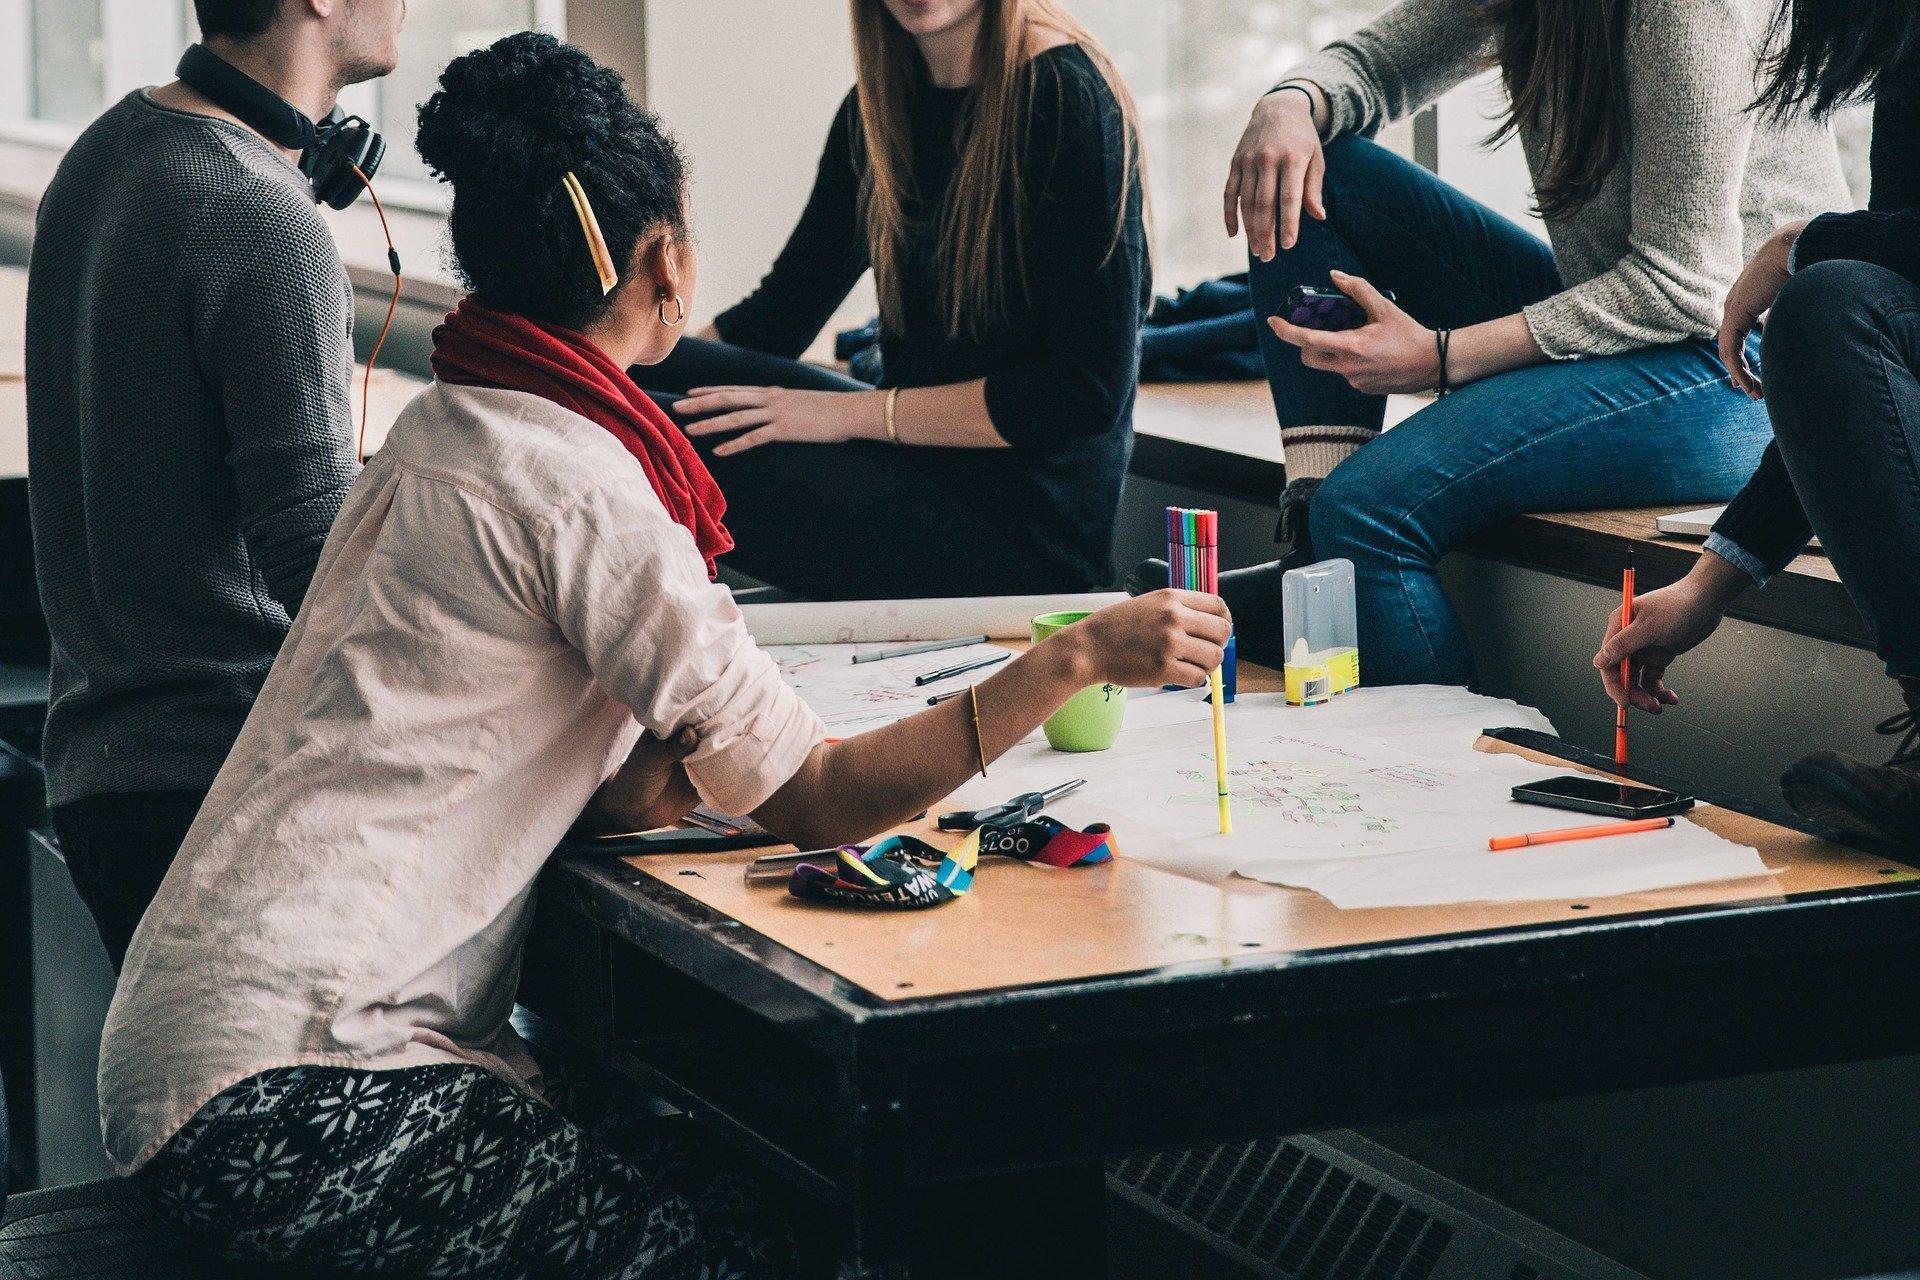 Studierende sitzen um einen Tisch herum und diskutieren